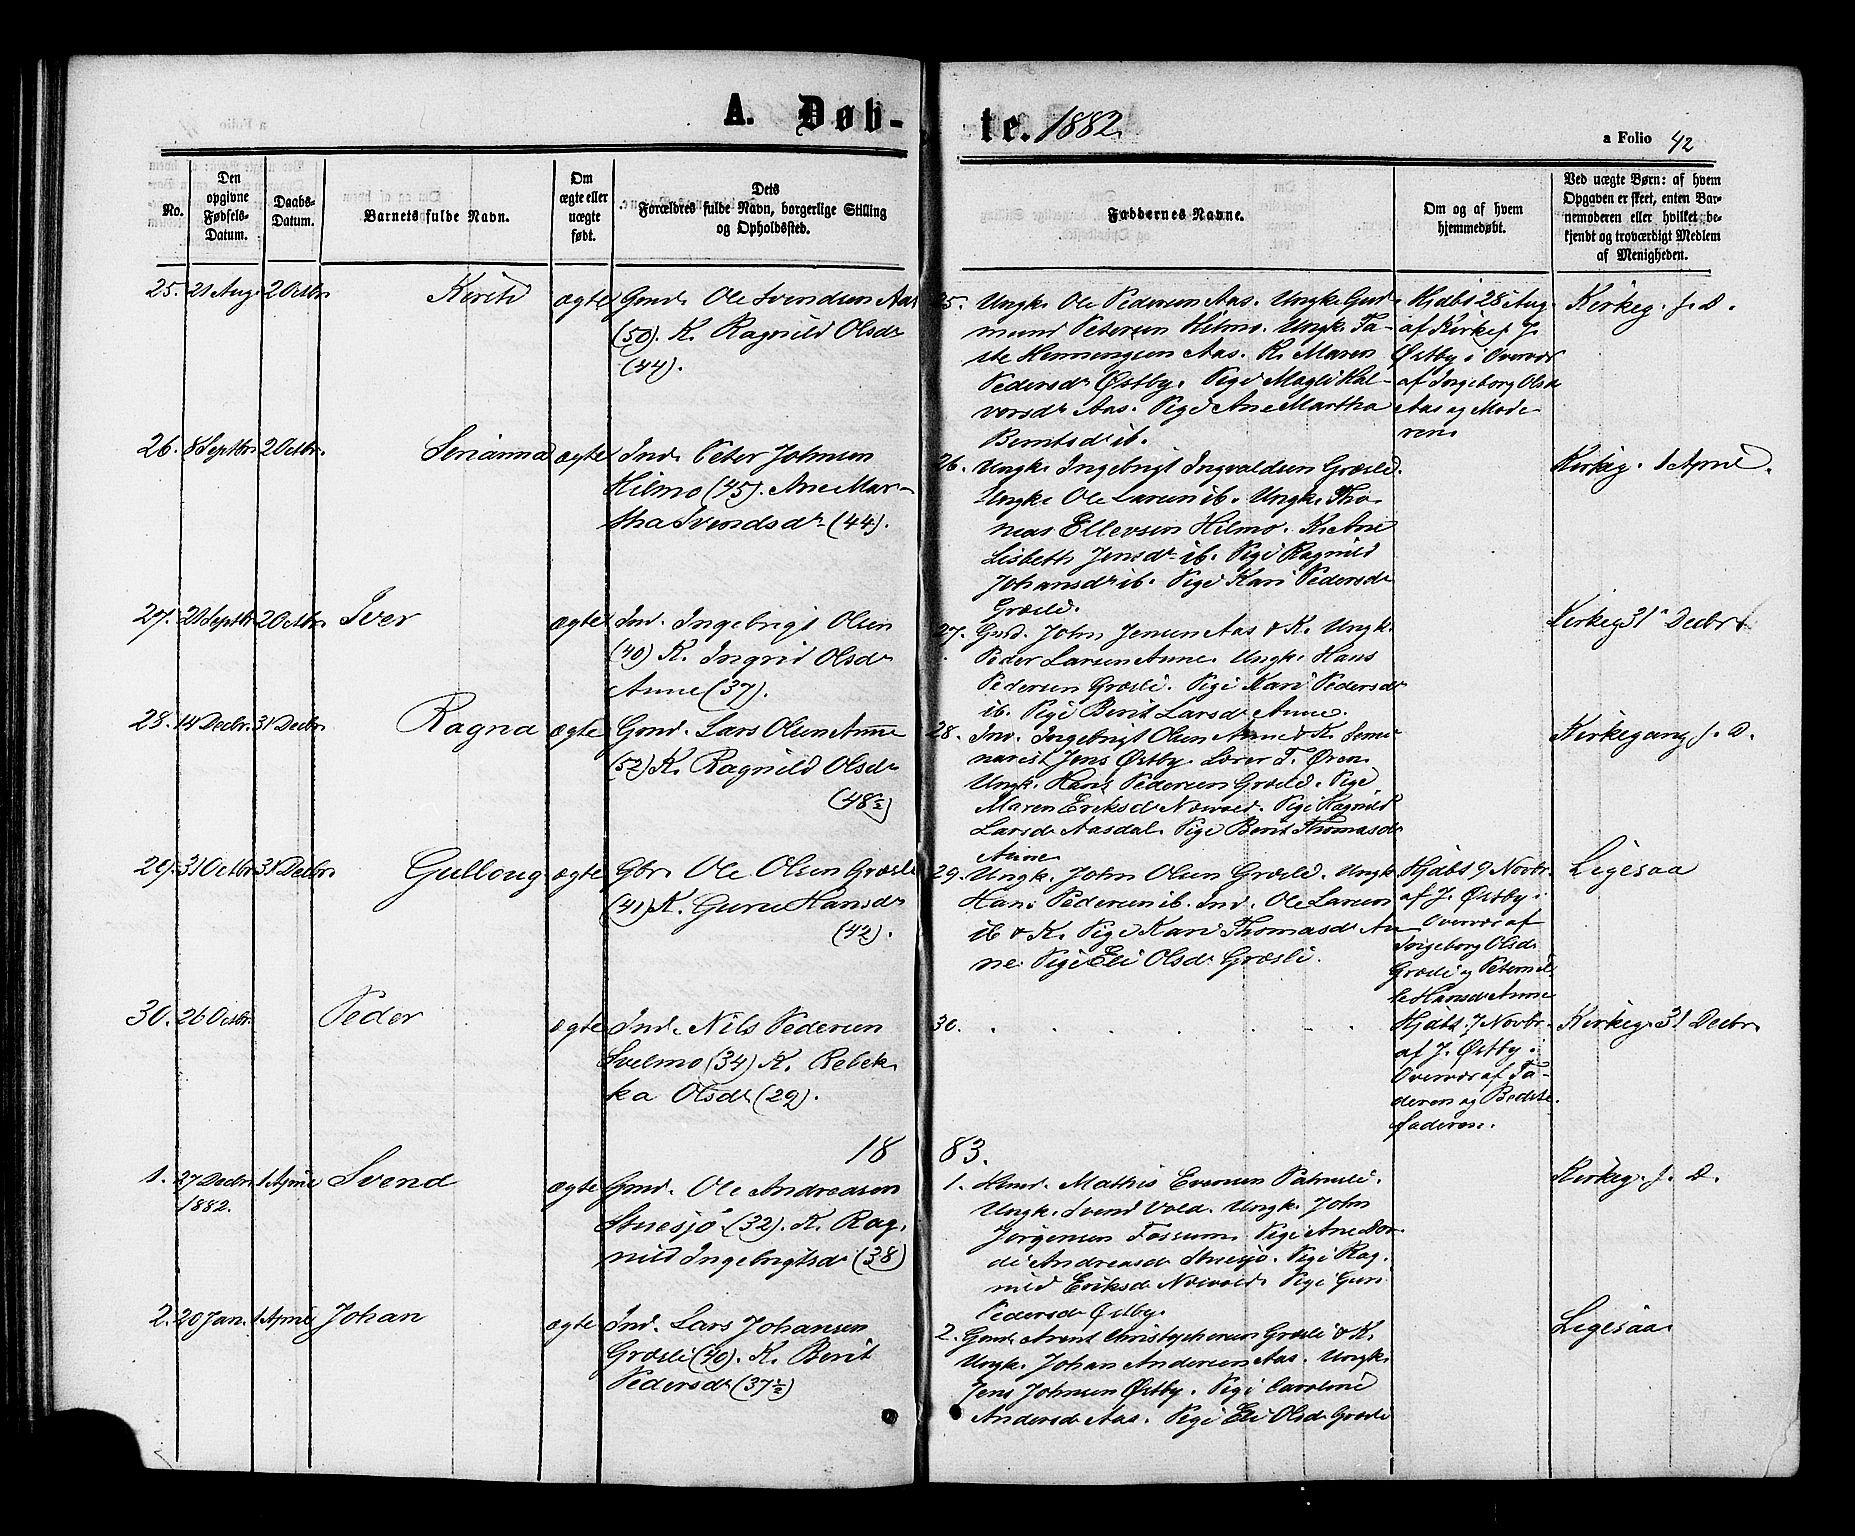 SAT, Ministerialprotokoller, klokkerbøker og fødselsregistre - Sør-Trøndelag, 698/L1163: Ministerialbok nr. 698A01, 1862-1887, s. 42